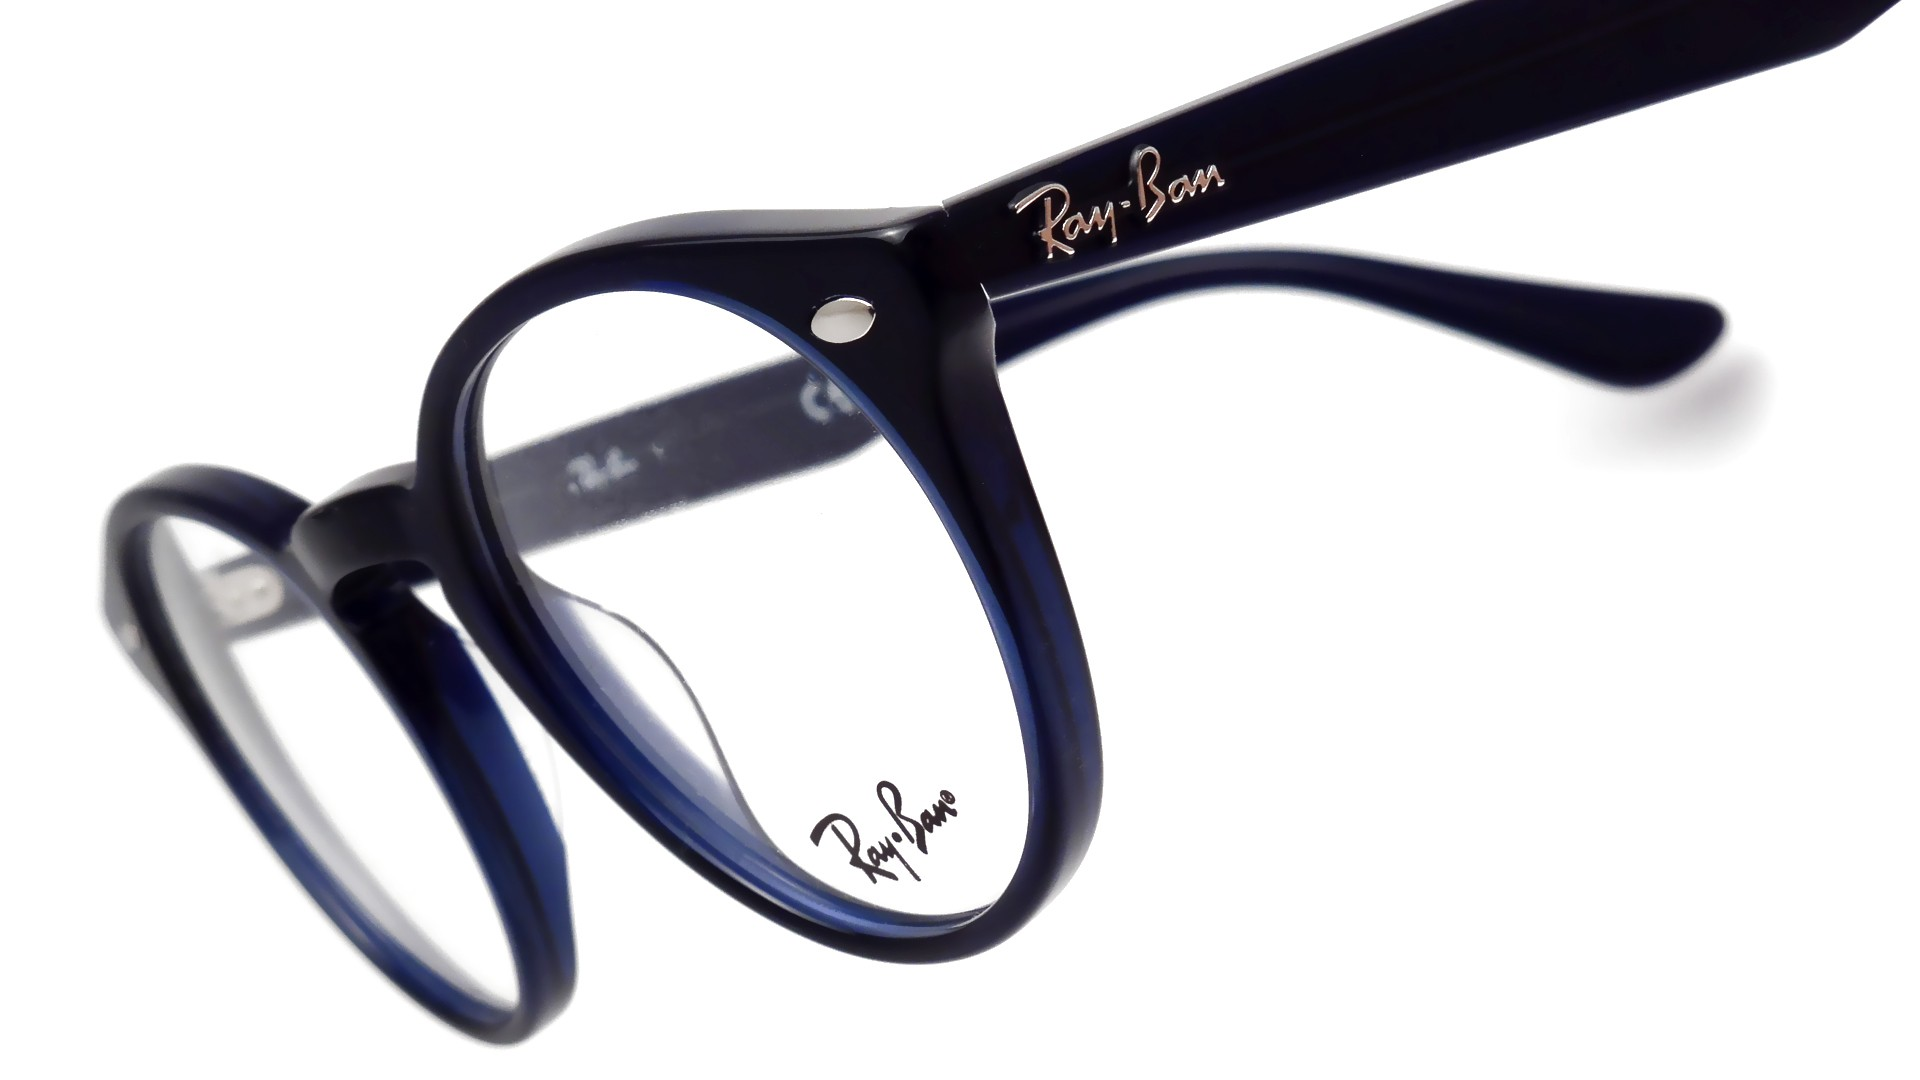 logiciel essayage virtuel lunettes Créé en 2008, direct optic est le 1er opticien en ligne français spécialiste de la vente de lunettes sur internet contactez-nous par téléphone au 01 81 80 92 20.